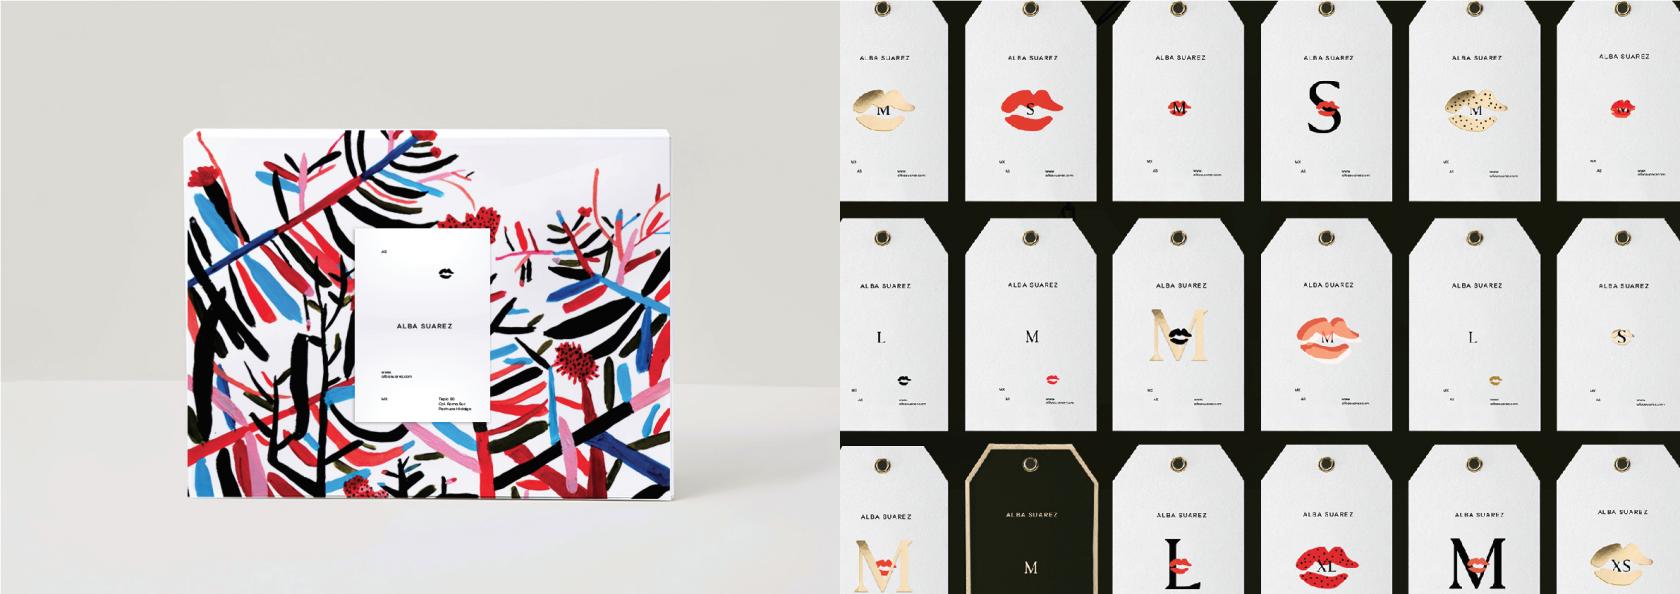 Особенность айдентики fashion-брендов можно описать как  минималистичную,  тяготеющую к использованию типографики, графичную и использующую мало цвета. a0dfa41a19a